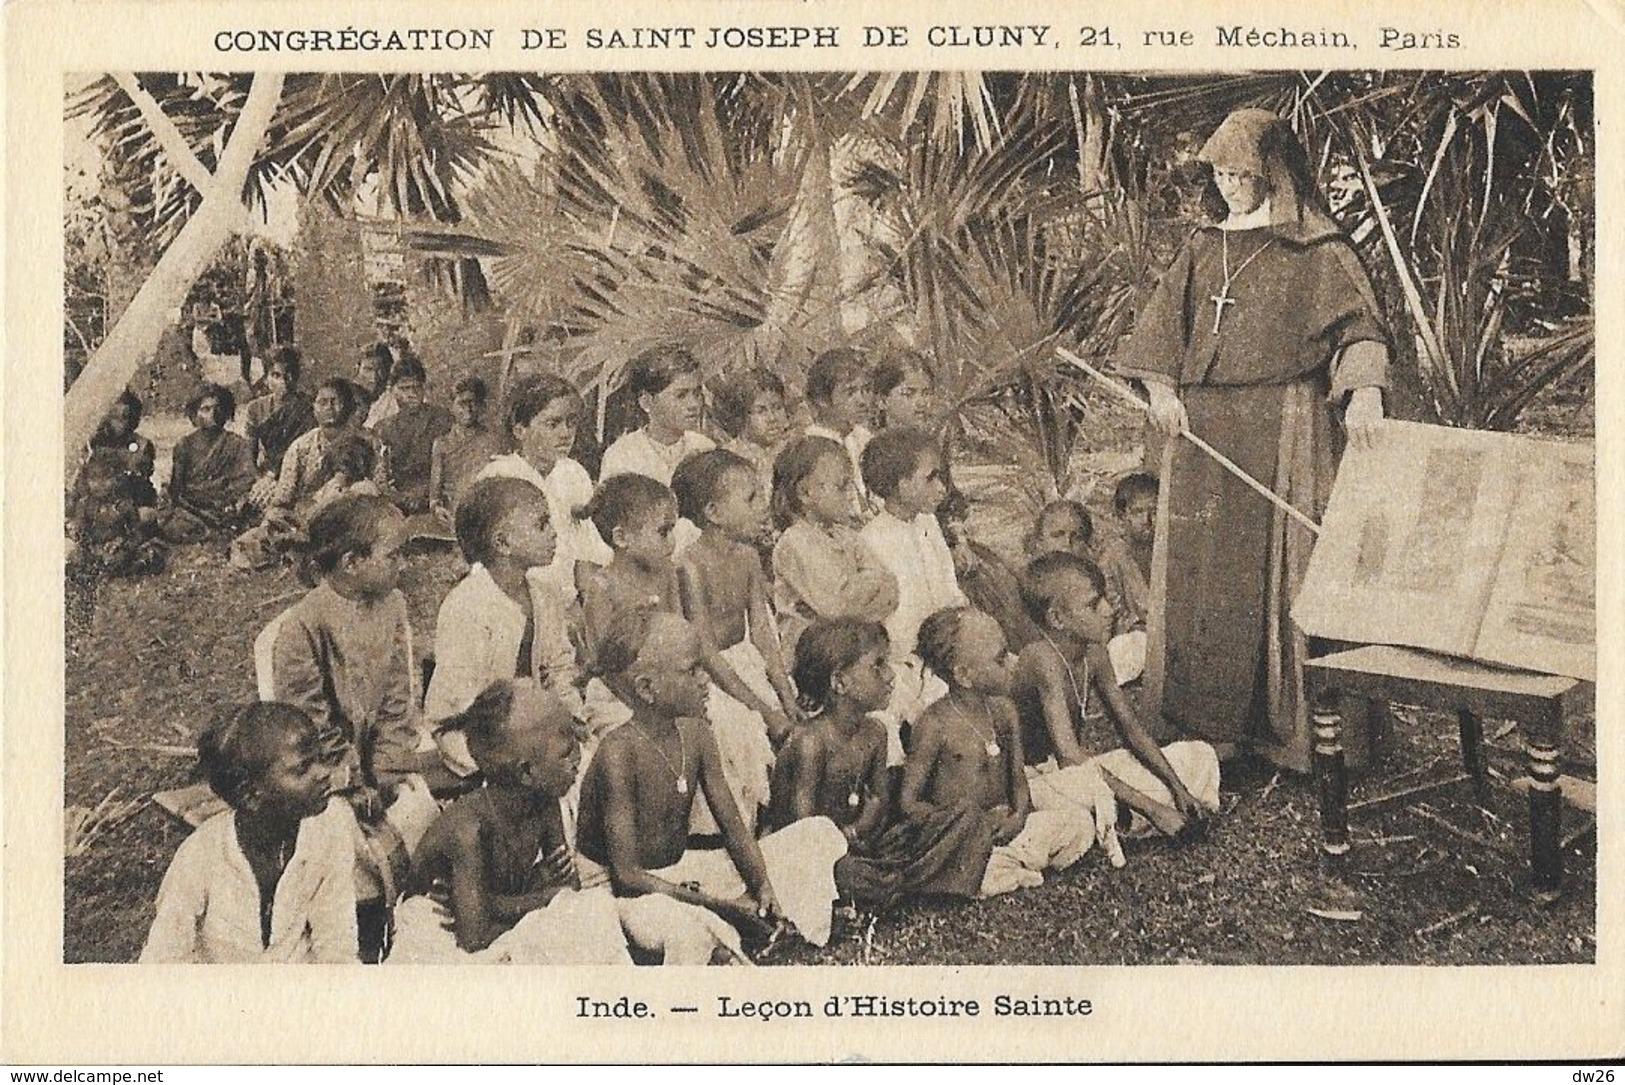 Missions, Congrégation De Saint-Joseph De Cluny - Inde: Leçon D'Histoire Sainte - Missions